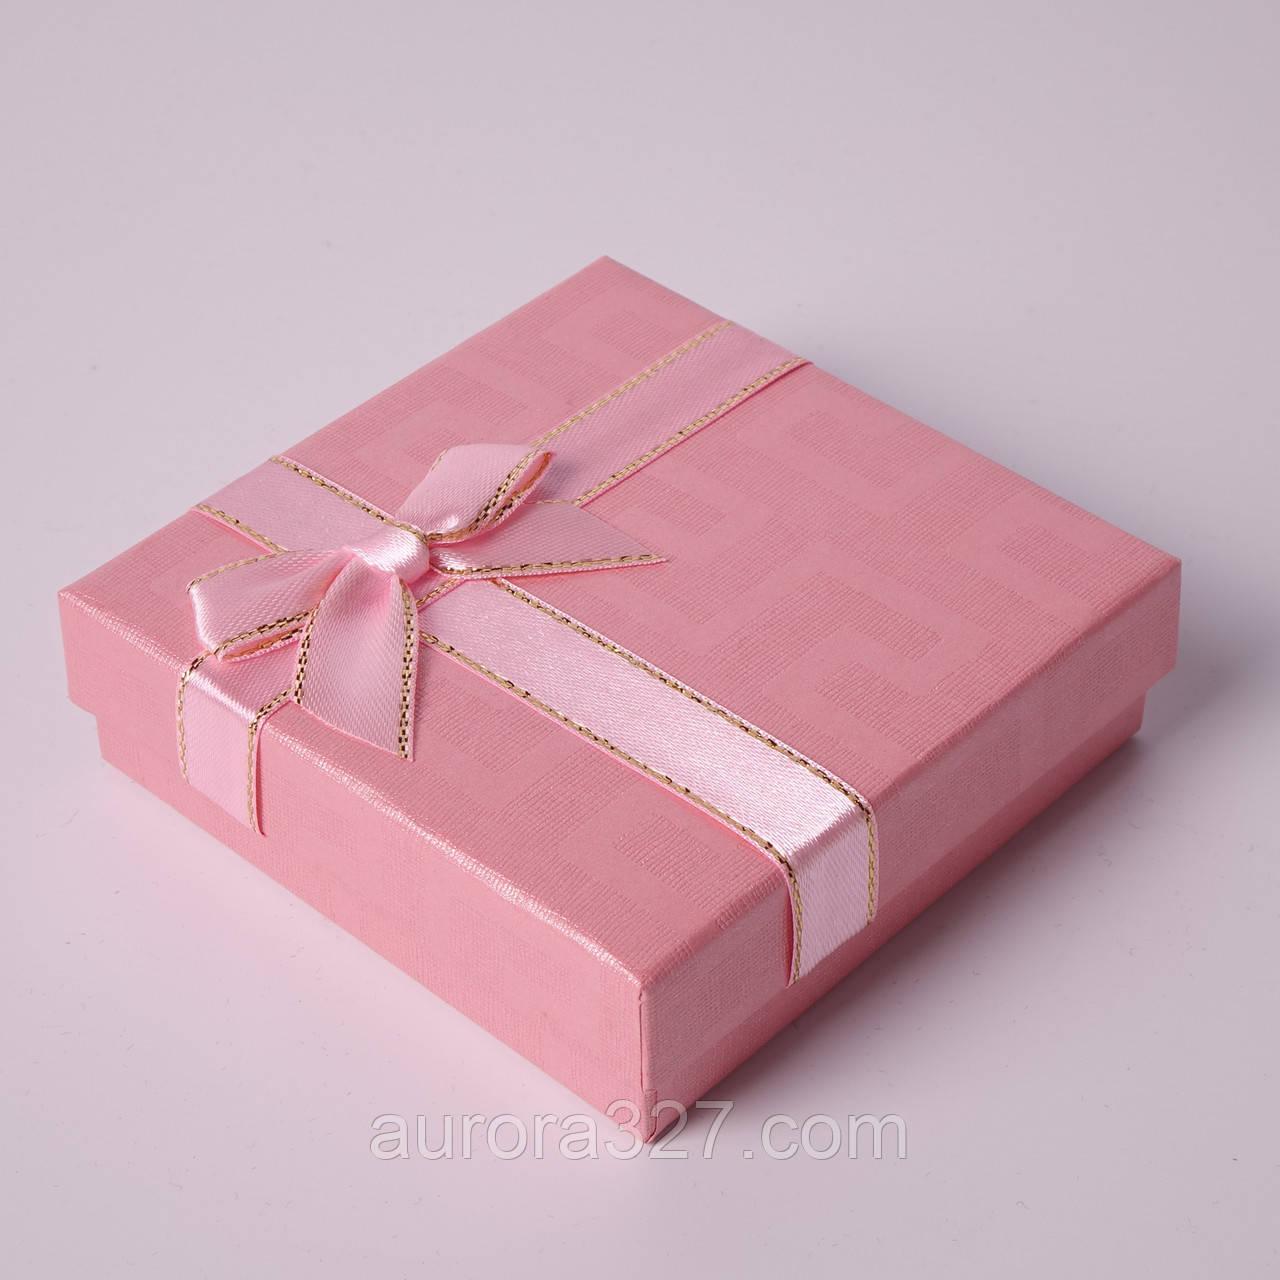 """Подарочная коробочка """"Геометрия с бантом розовая 9 х 9 х 2,5 см"""" для набора"""